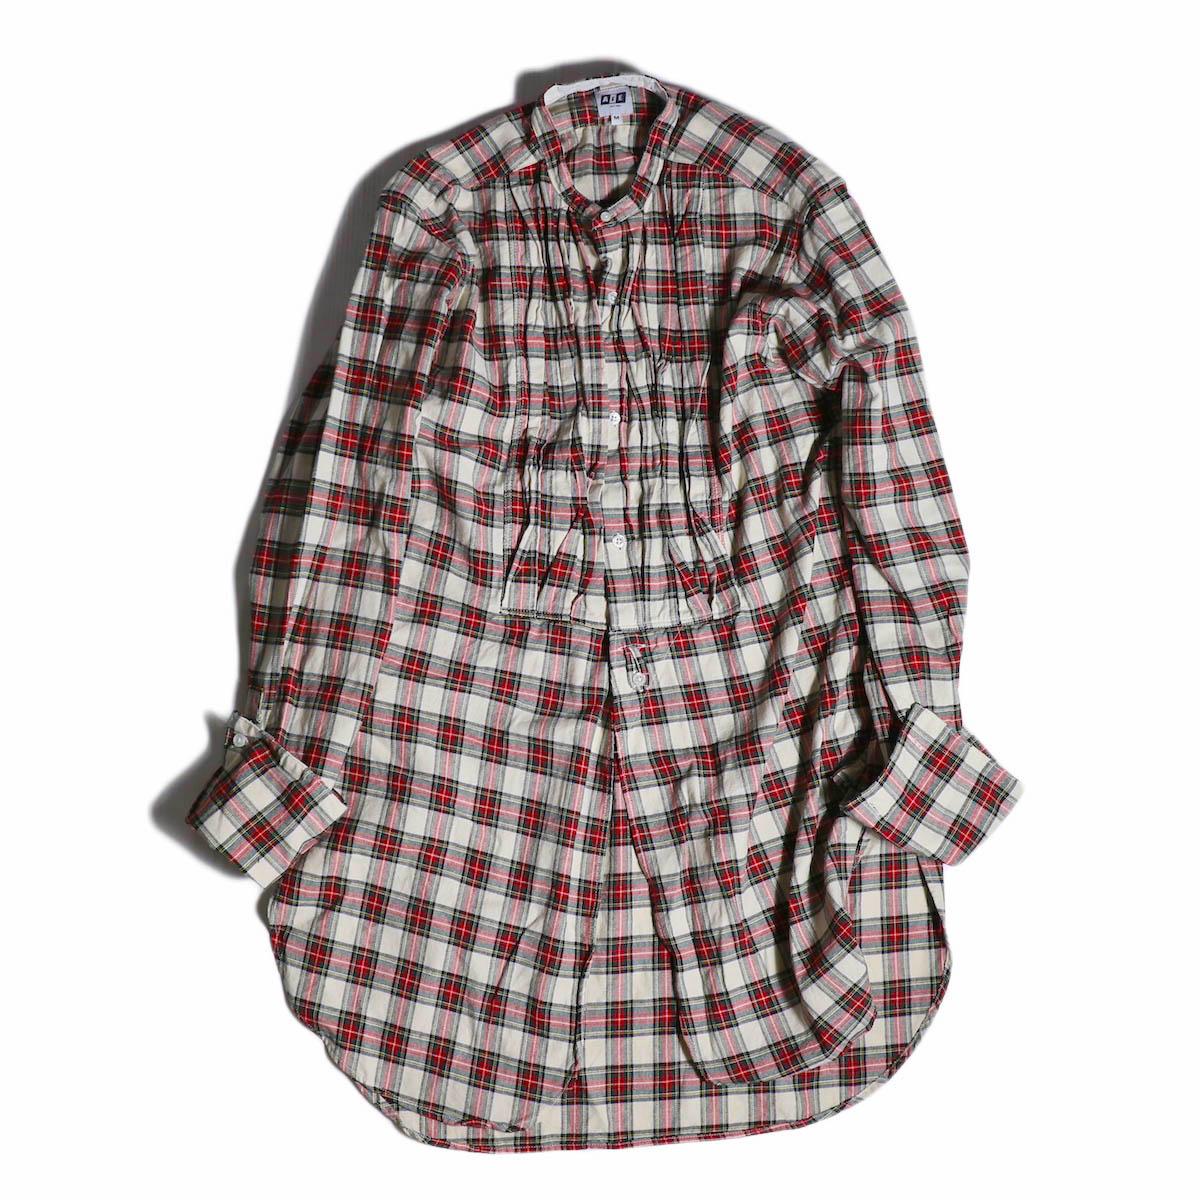 AiE / Tux Shirt -Hv.Weight Tartan Check -Nat/Red